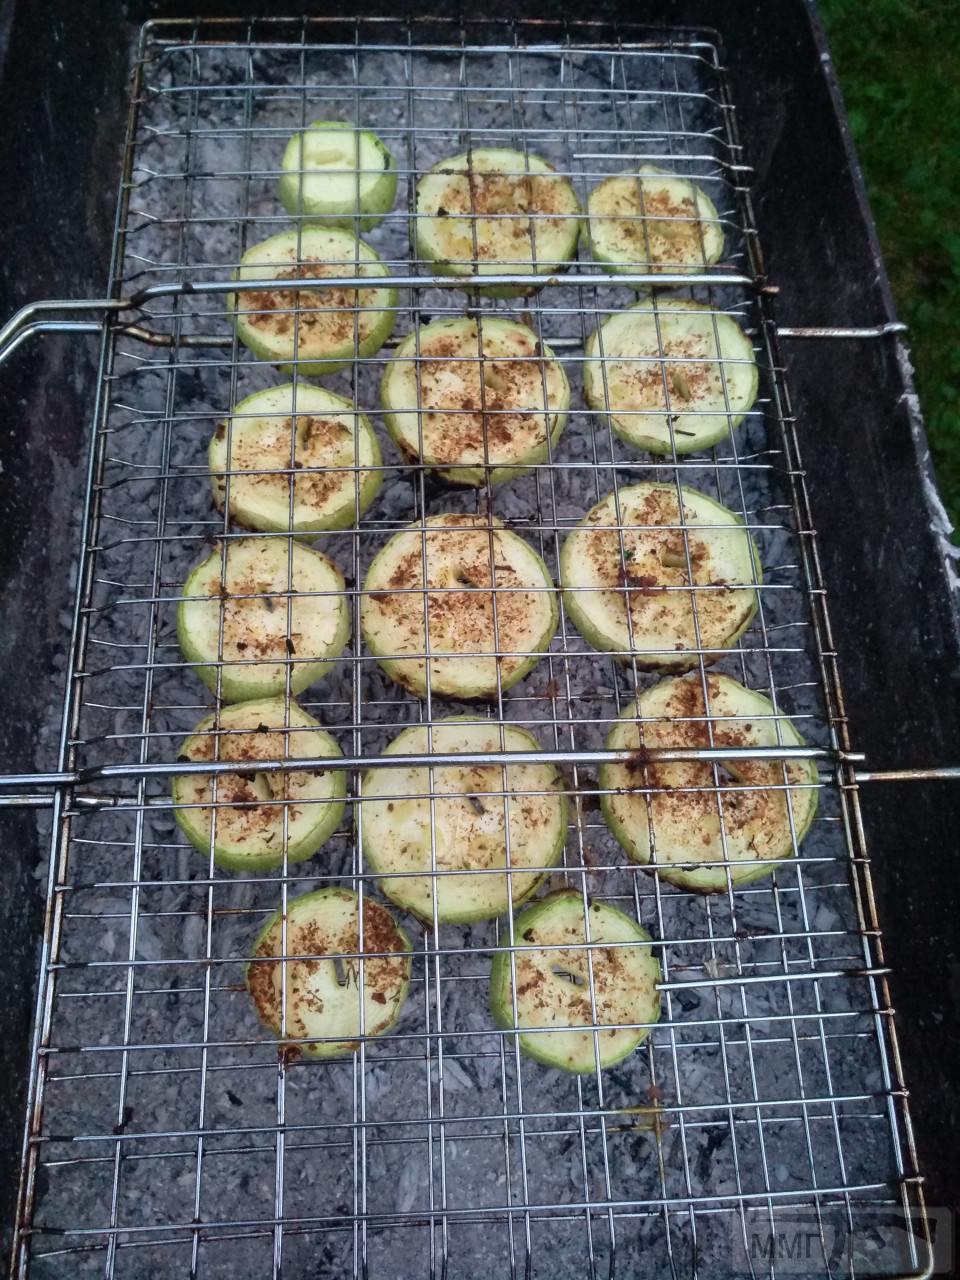 111313 - Закуски на огне (мангал, барбекю и т.д.) и кулинария вообще. Советы и рецепты.